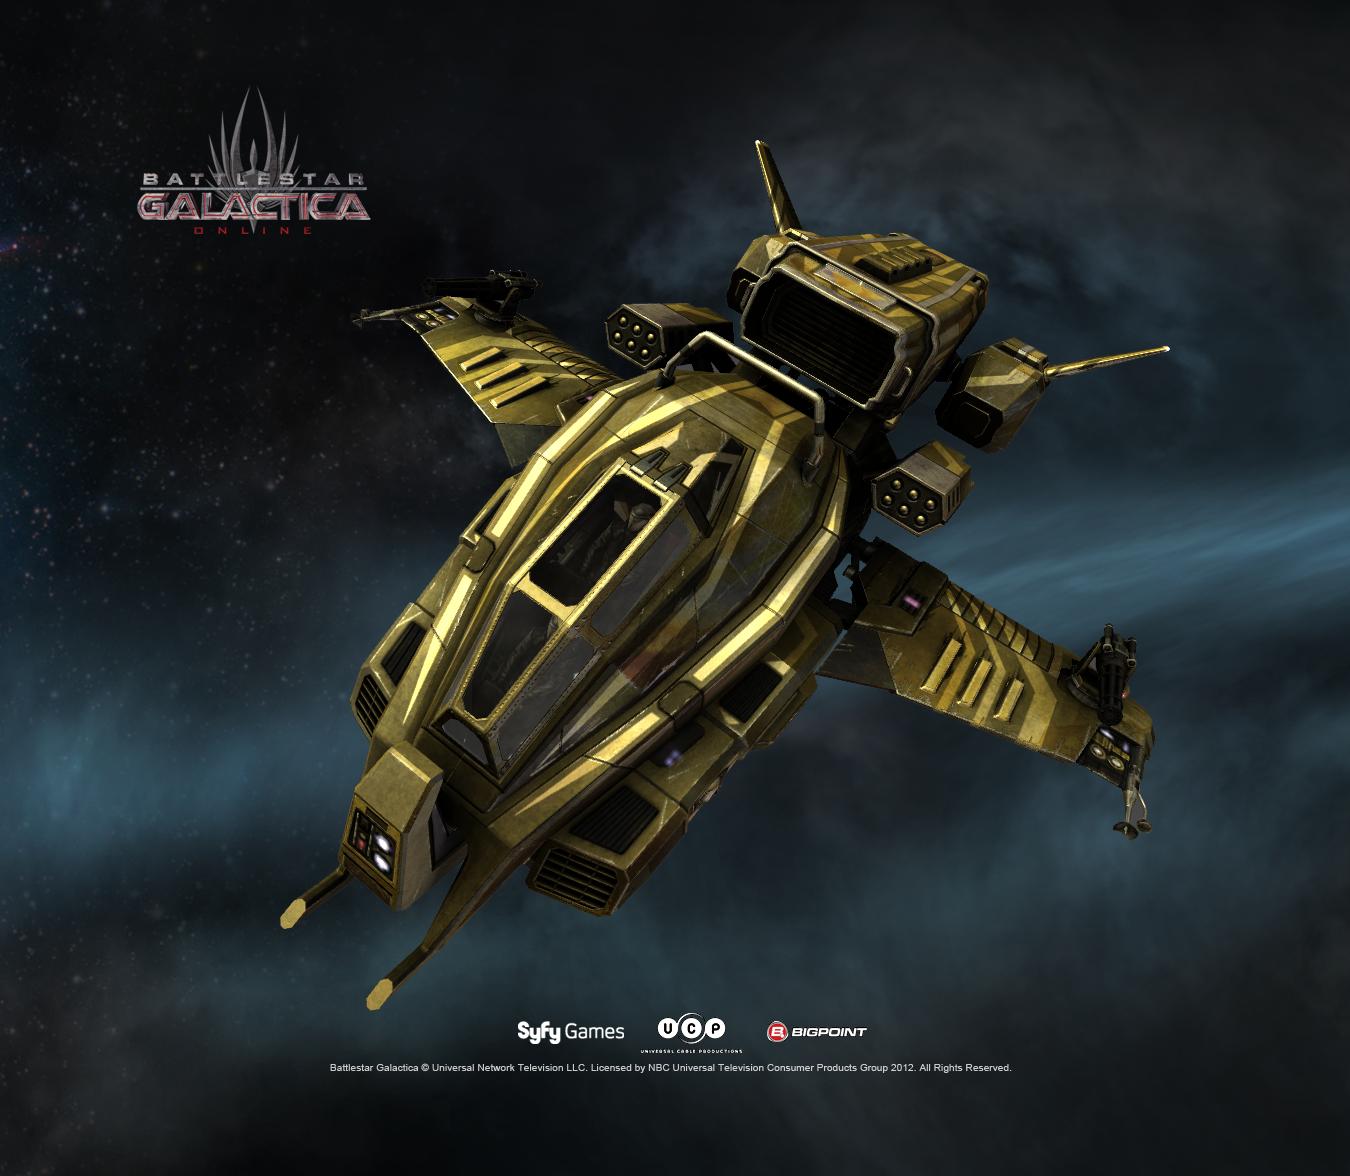 Battlestar Galactica Online wallpaper 1